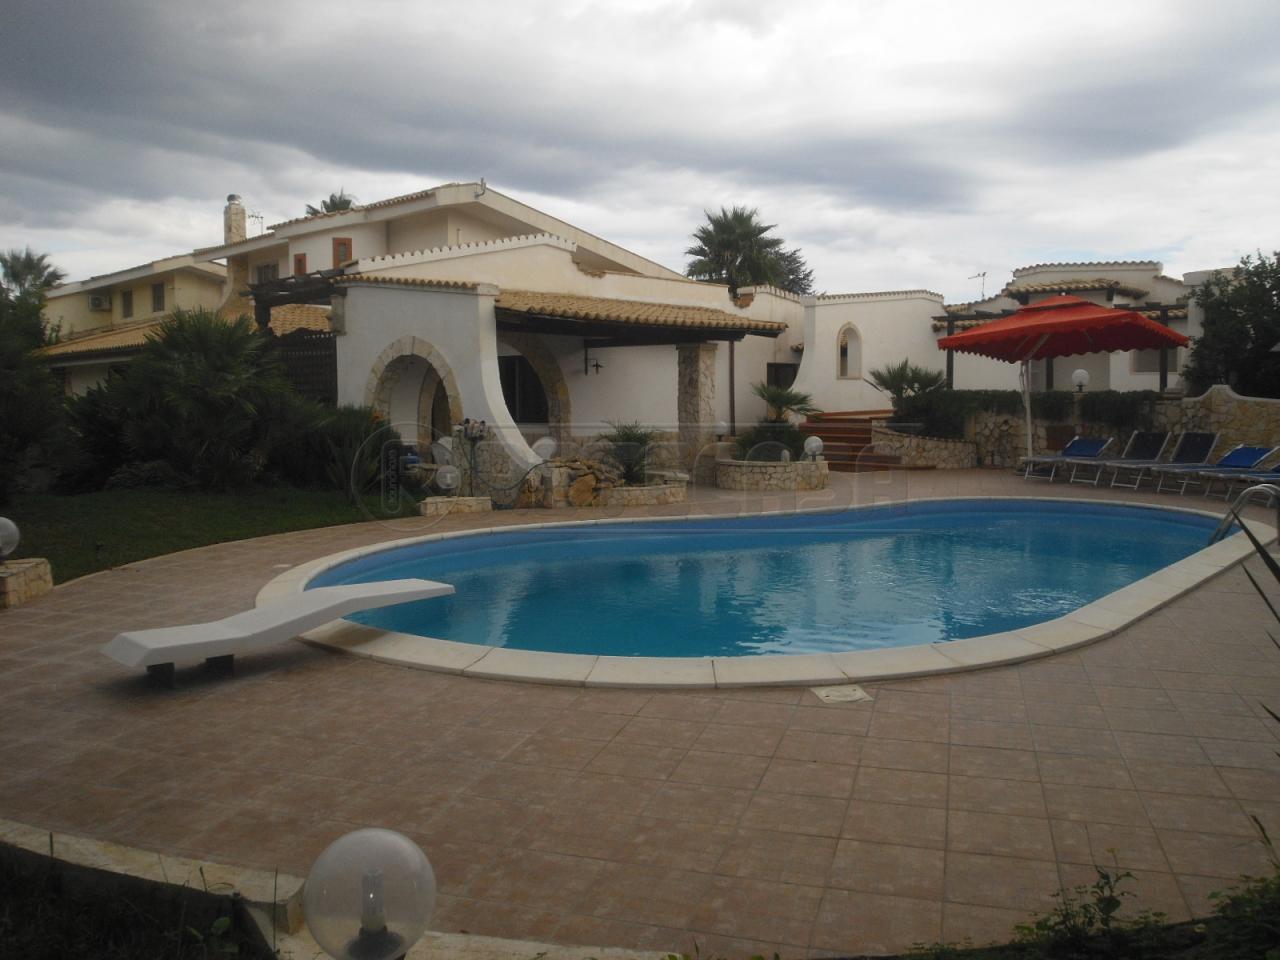 Villa in vendita a Siracusa, 10 locali, prezzo € 300.000 | Cambio Casa.it